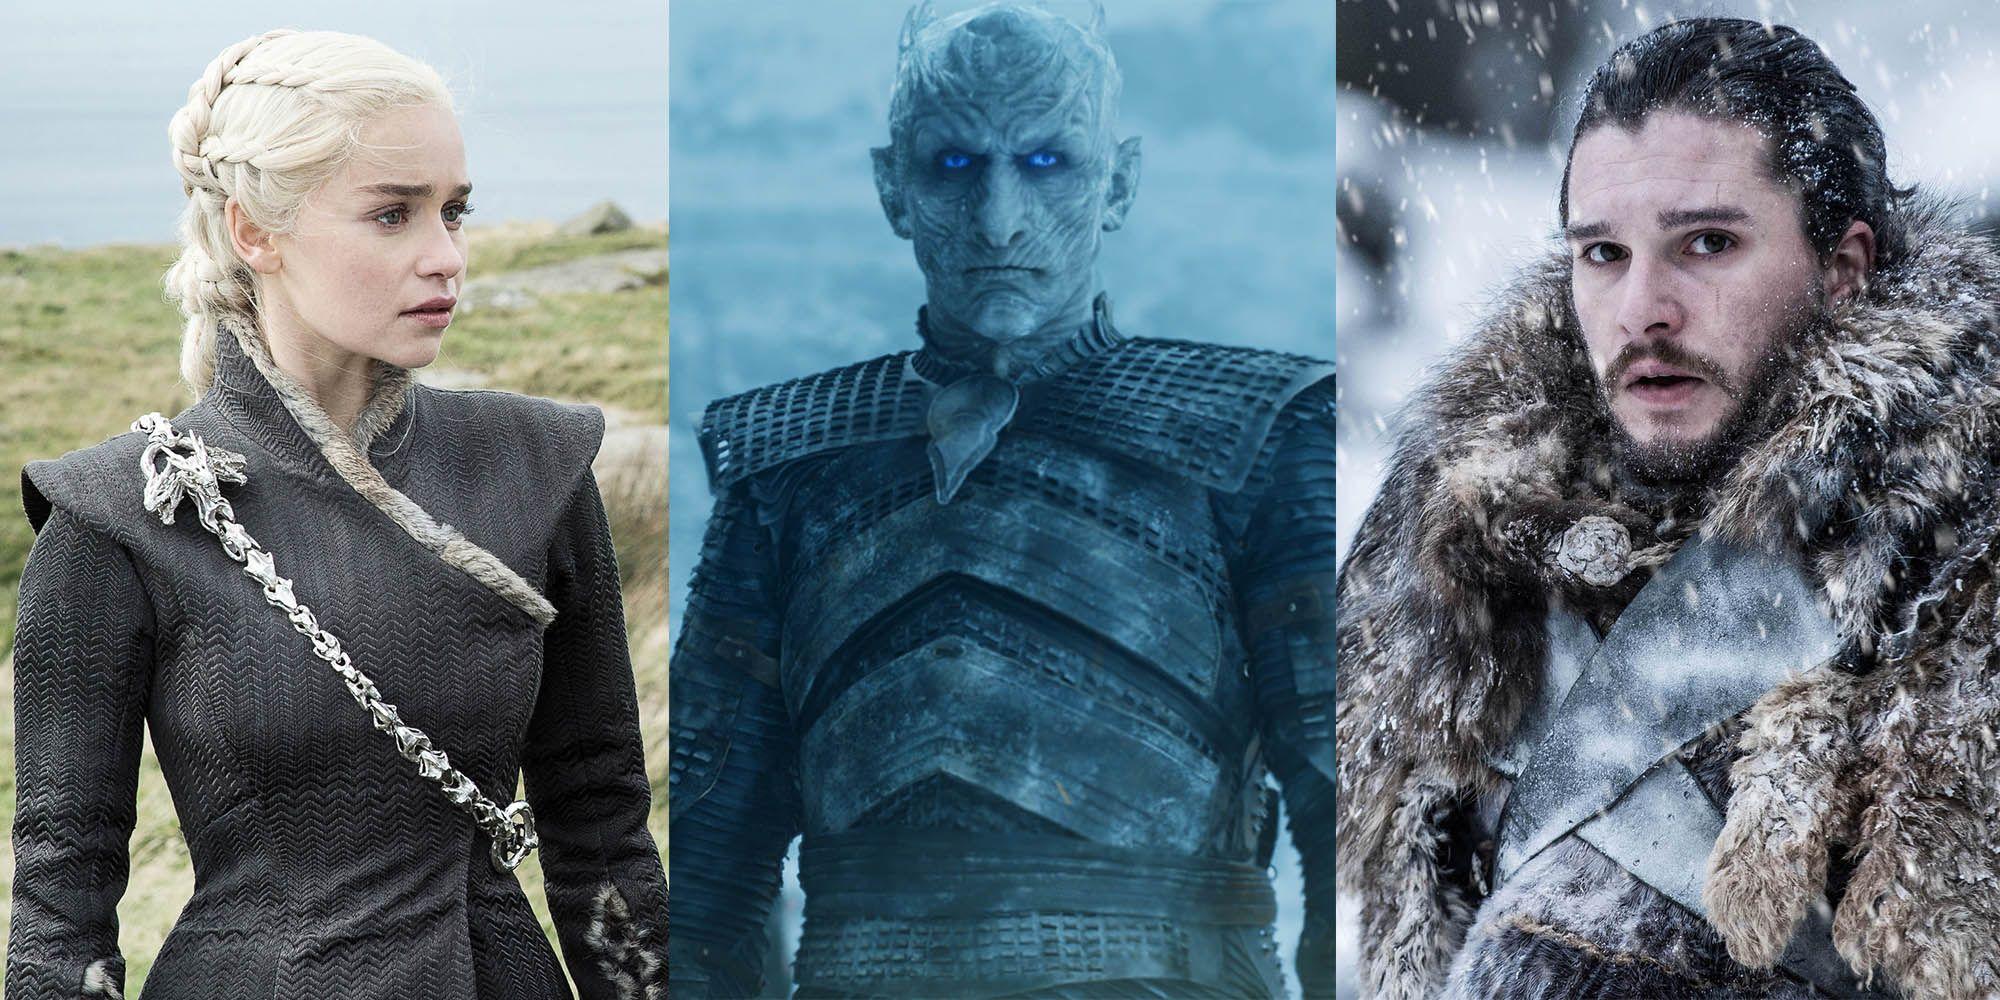 14 Best Game of Thrones Season 7 Theories - GoT Season 7 Spoilers